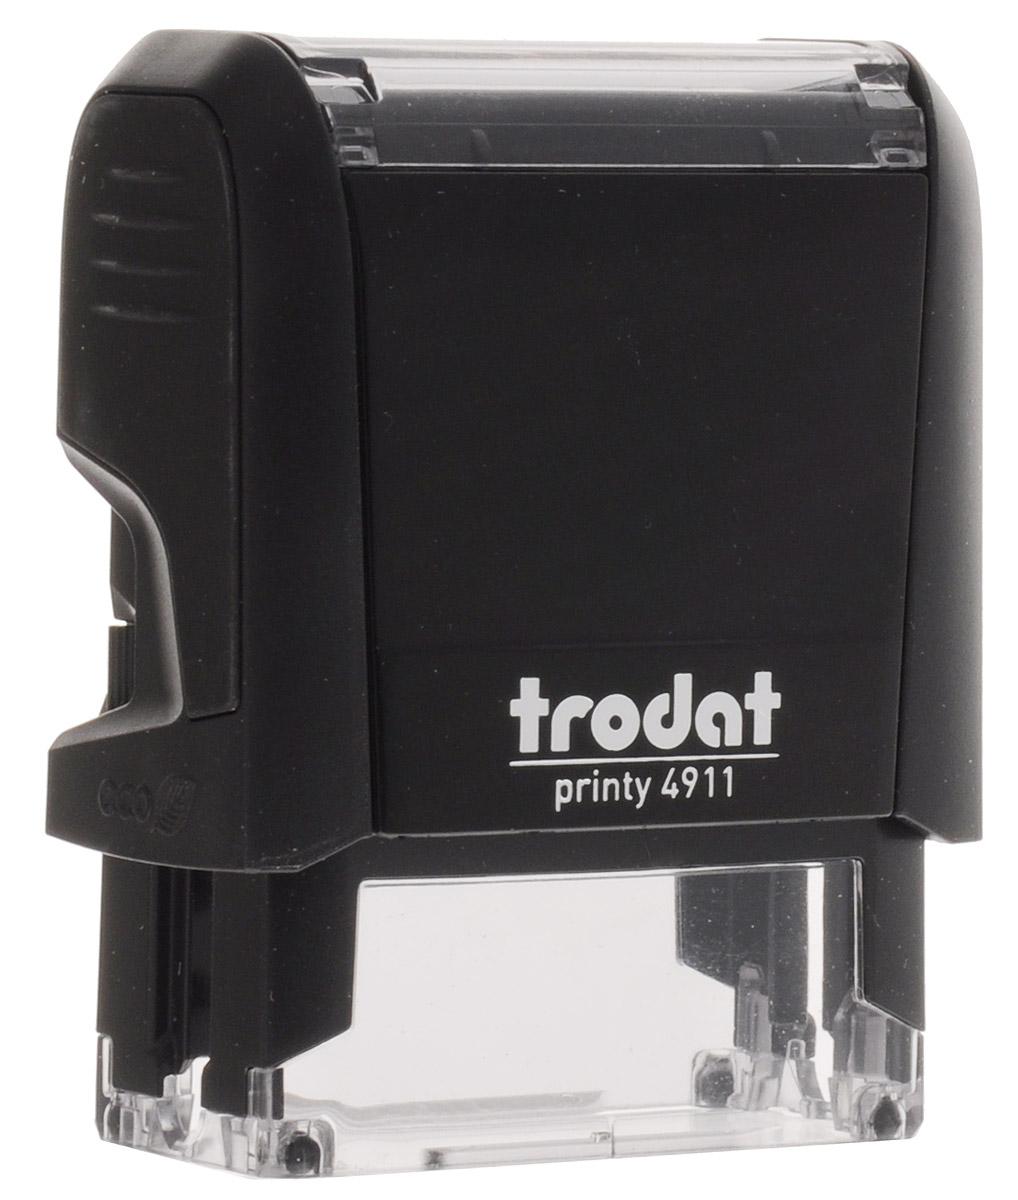 Trodat Оснастка для штампа 38 мм х 14 ммBN-612_синийОснастка для штампа Trodat будет незаменима в отделе кадров или в бухгалтерии любой компании. Прочный пластиковый корпус с автоматическим окрашиванием гарантирует долговечное бесперебойное использование. Модель отличается высочайшим удобством в использовании и оптимально ложится в руку.Оттиск проставляется практически бесшумно, легким нажатием руки. Улучшенная конструкция и видимая площадь печати гарантируют качество и точность оттиска. Текстовые пластины прямоугольной формы 38 мм х 14 мм подойдут для изготовления клише по индивидуальному заказу. Модель оснащена кнопкой блокировки.Оснастка для штампа Trodat идеальна для ежедневного использования в офисе.